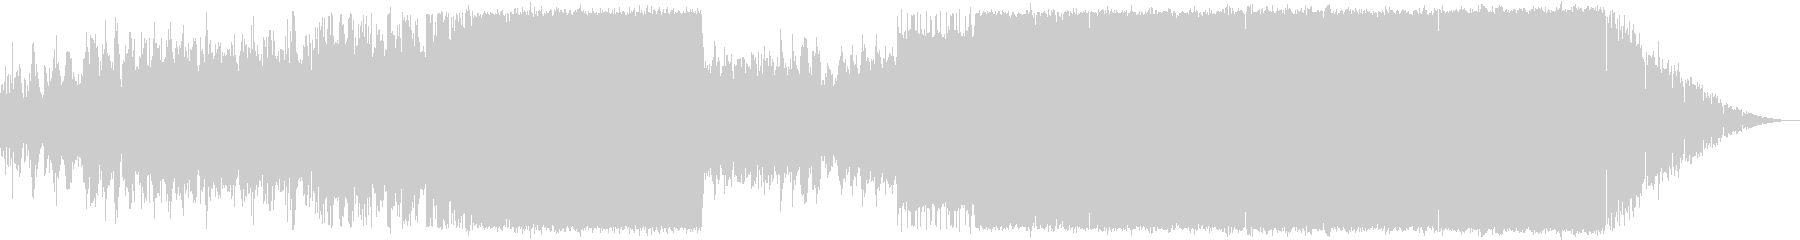 時代が劇的に変化していくイメージのEDMの未再生の波形